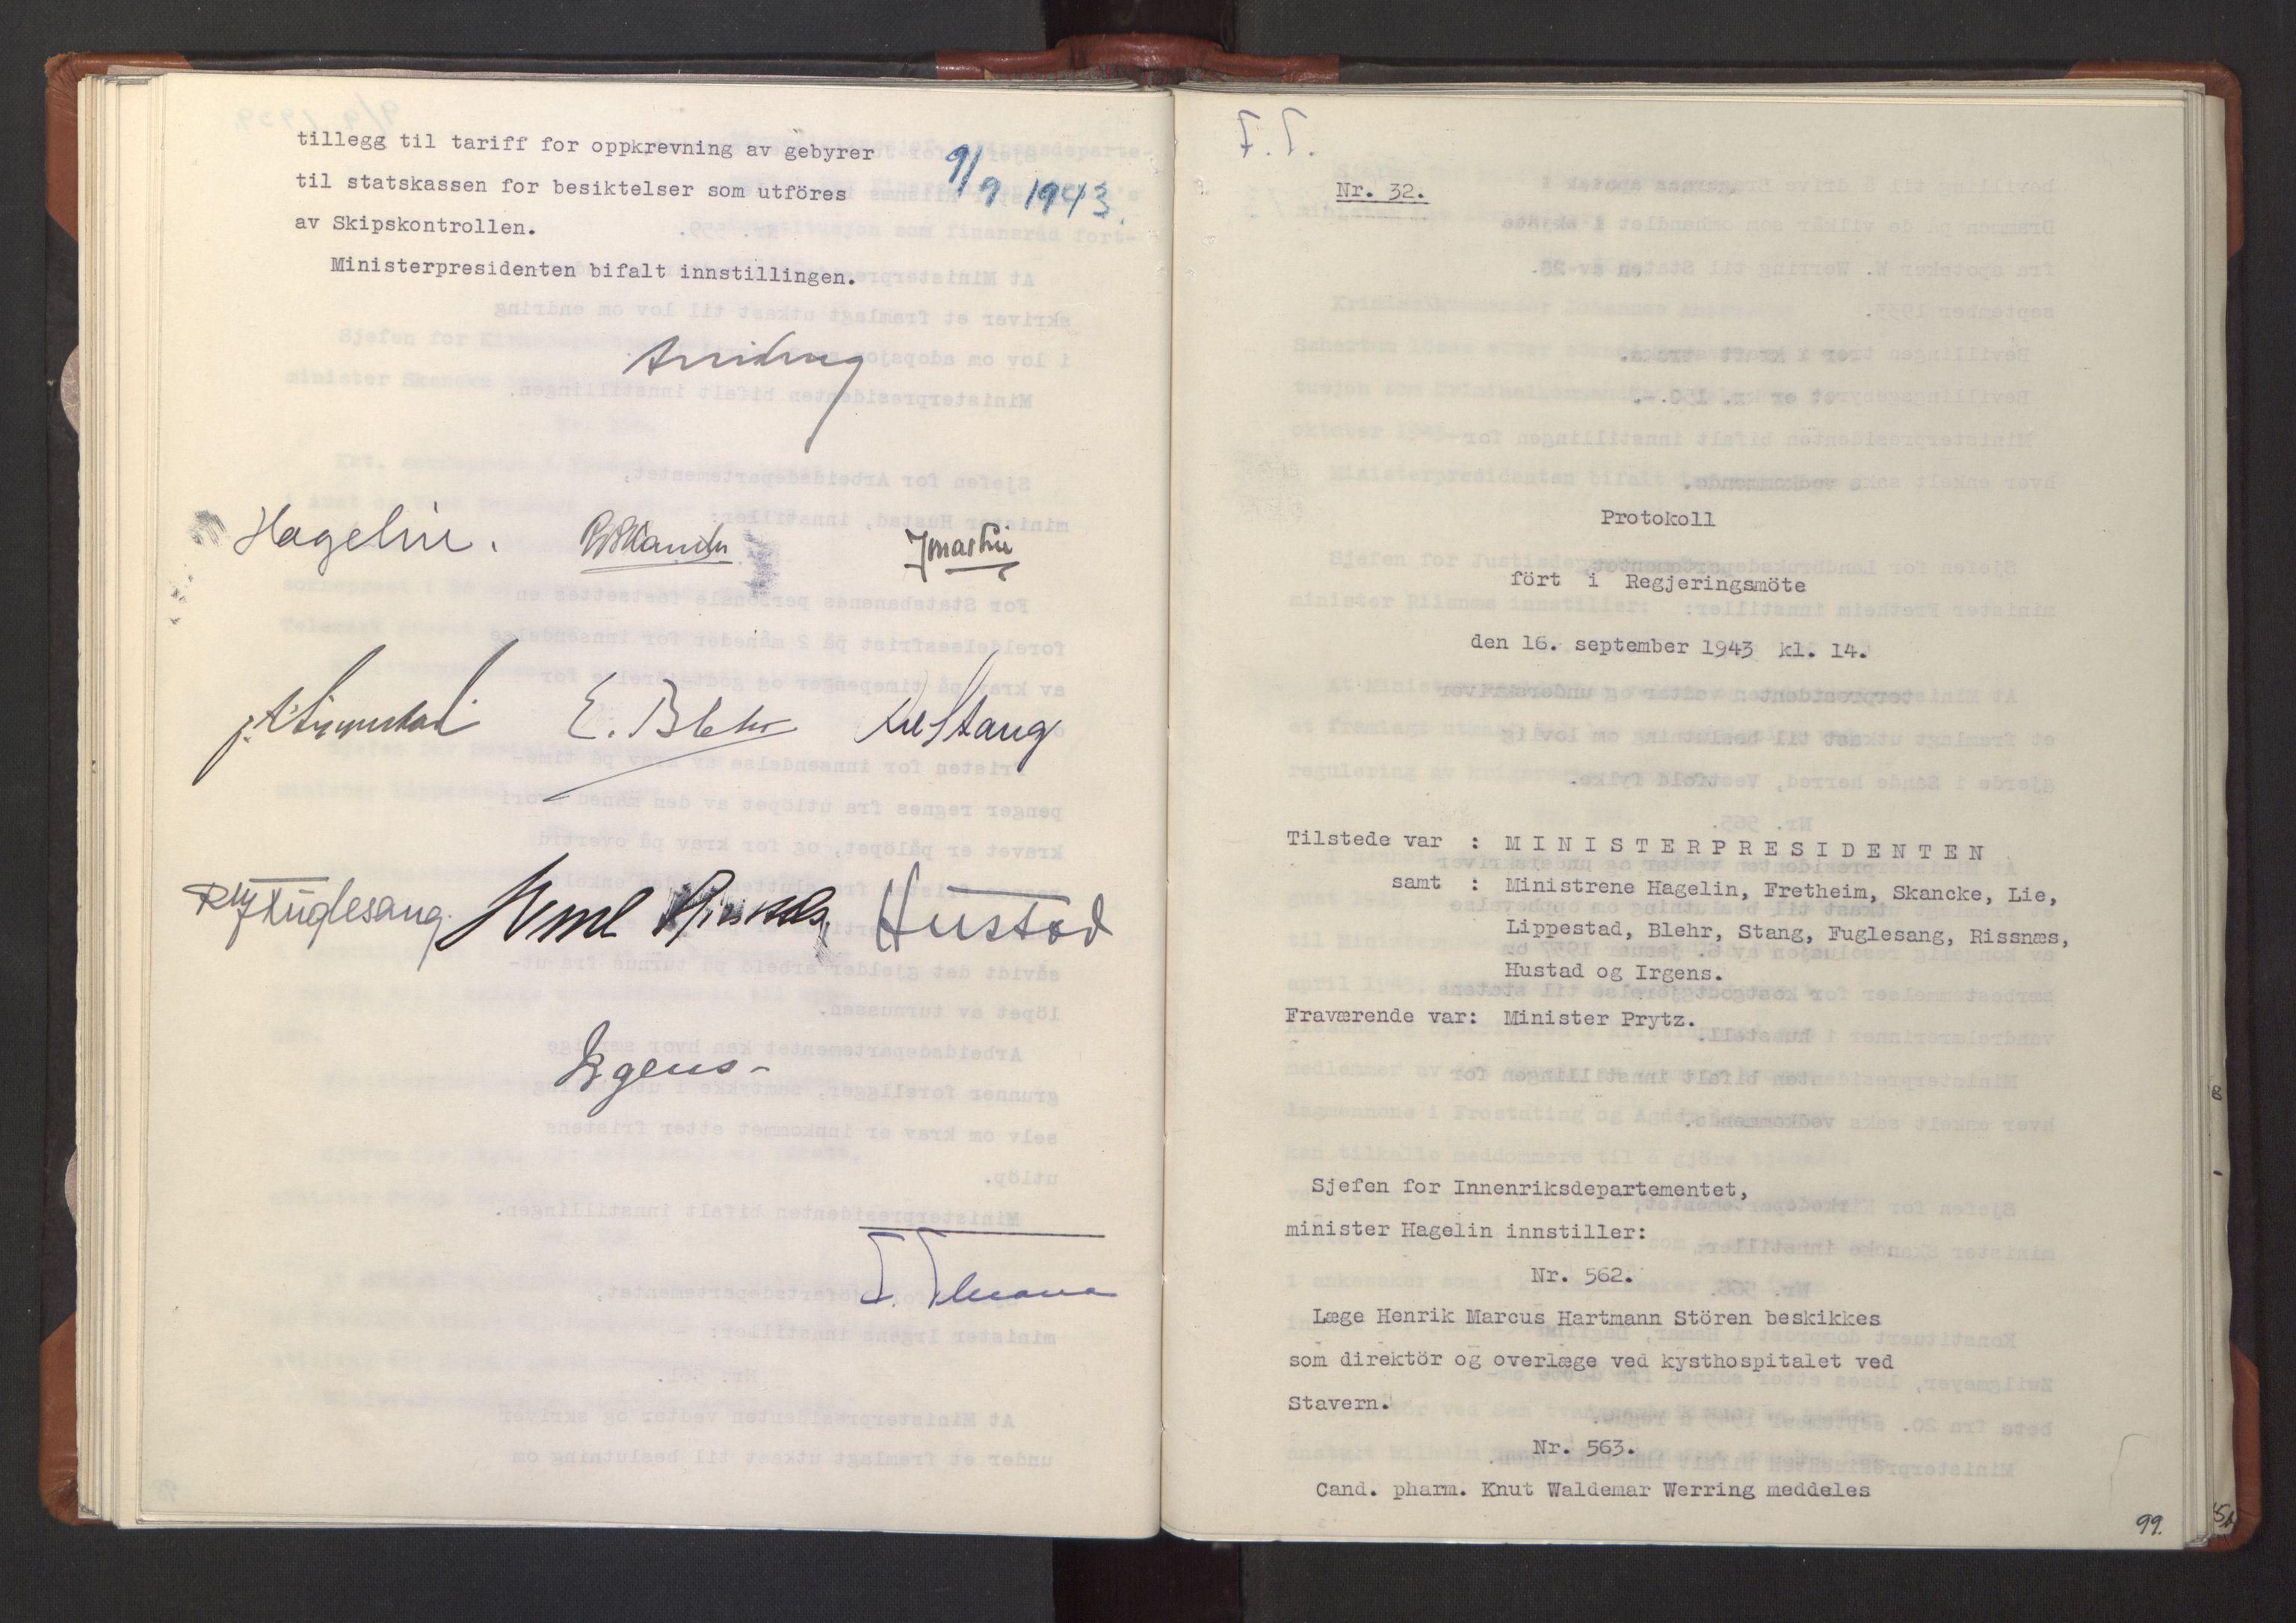 RA, NS-administrasjonen 1940-1945 (Statsrådsekretariatet, de kommisariske statsråder mm), D/Da/L0003: Vedtak (Beslutninger) nr. 1-746 og tillegg nr. 1-47 (RA. j.nr. 1394/1944, tilgangsnr. 8/1944, 1943, s. 98b-99a